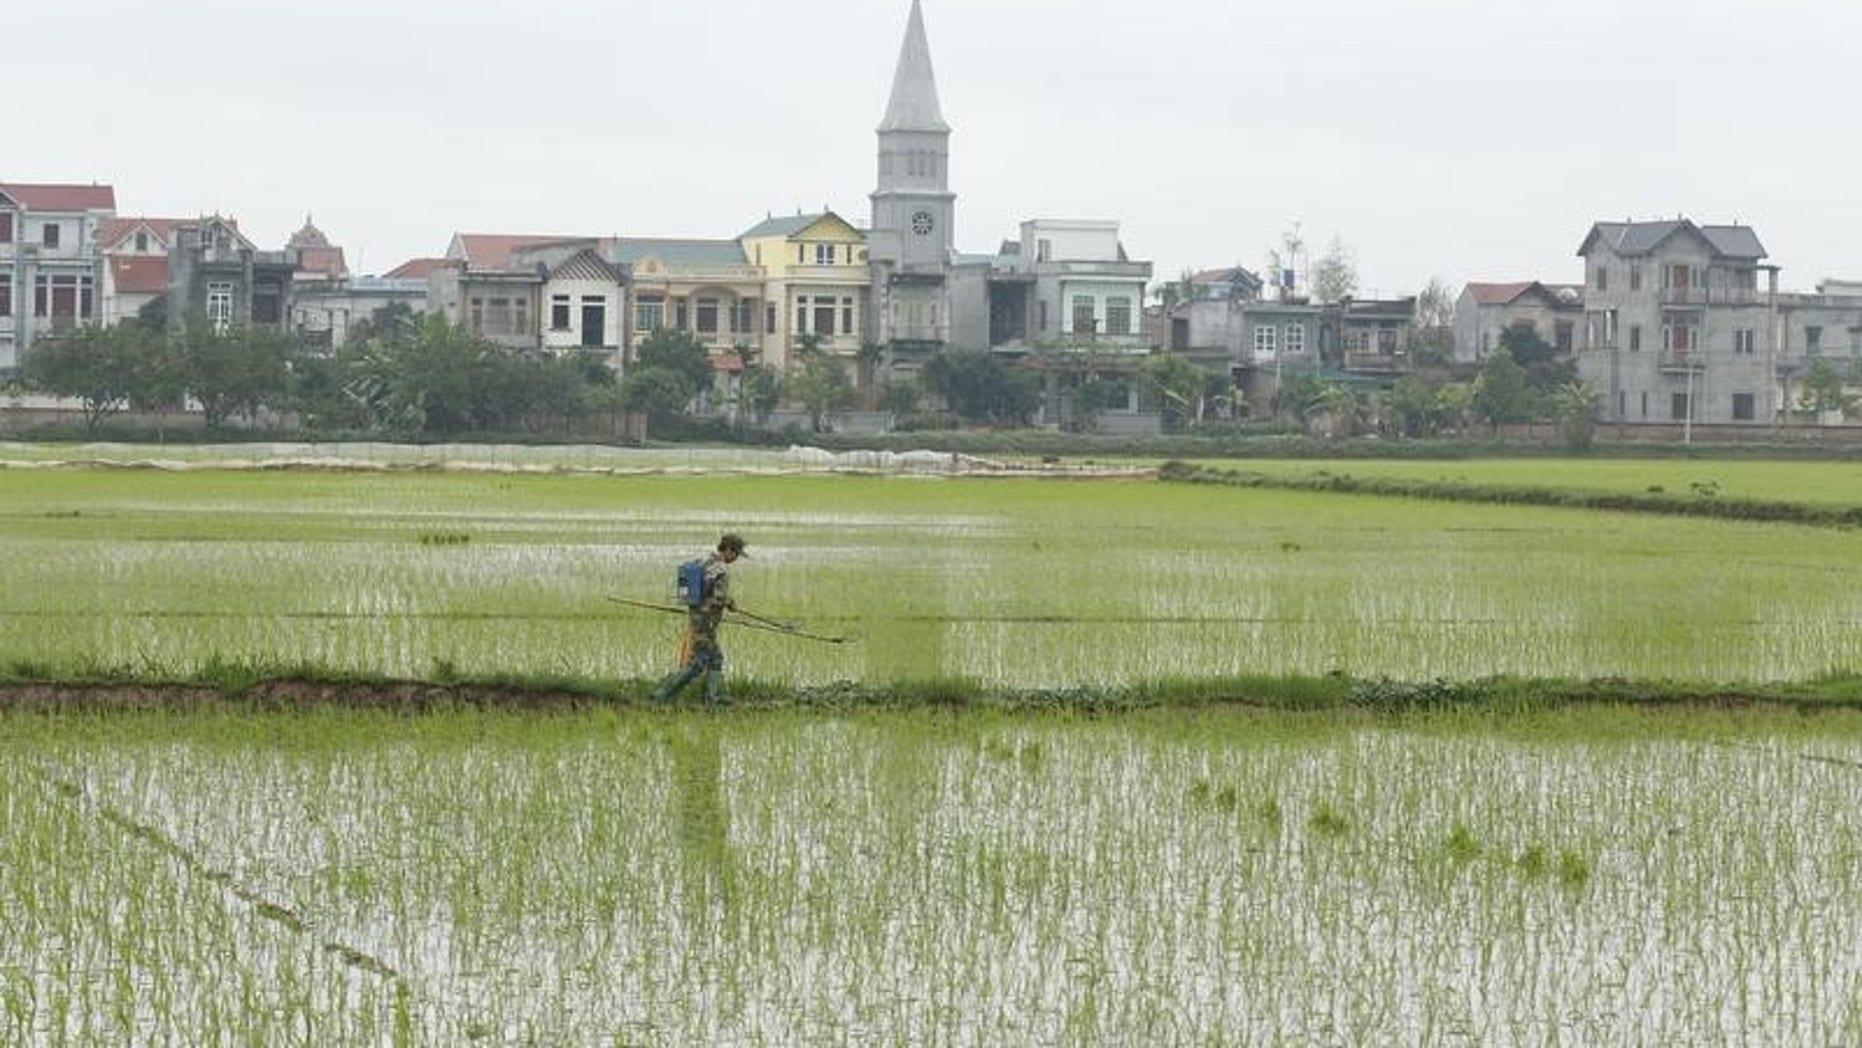 A farmer walks on a paddy field in Phat Tich village, outside Hanoi